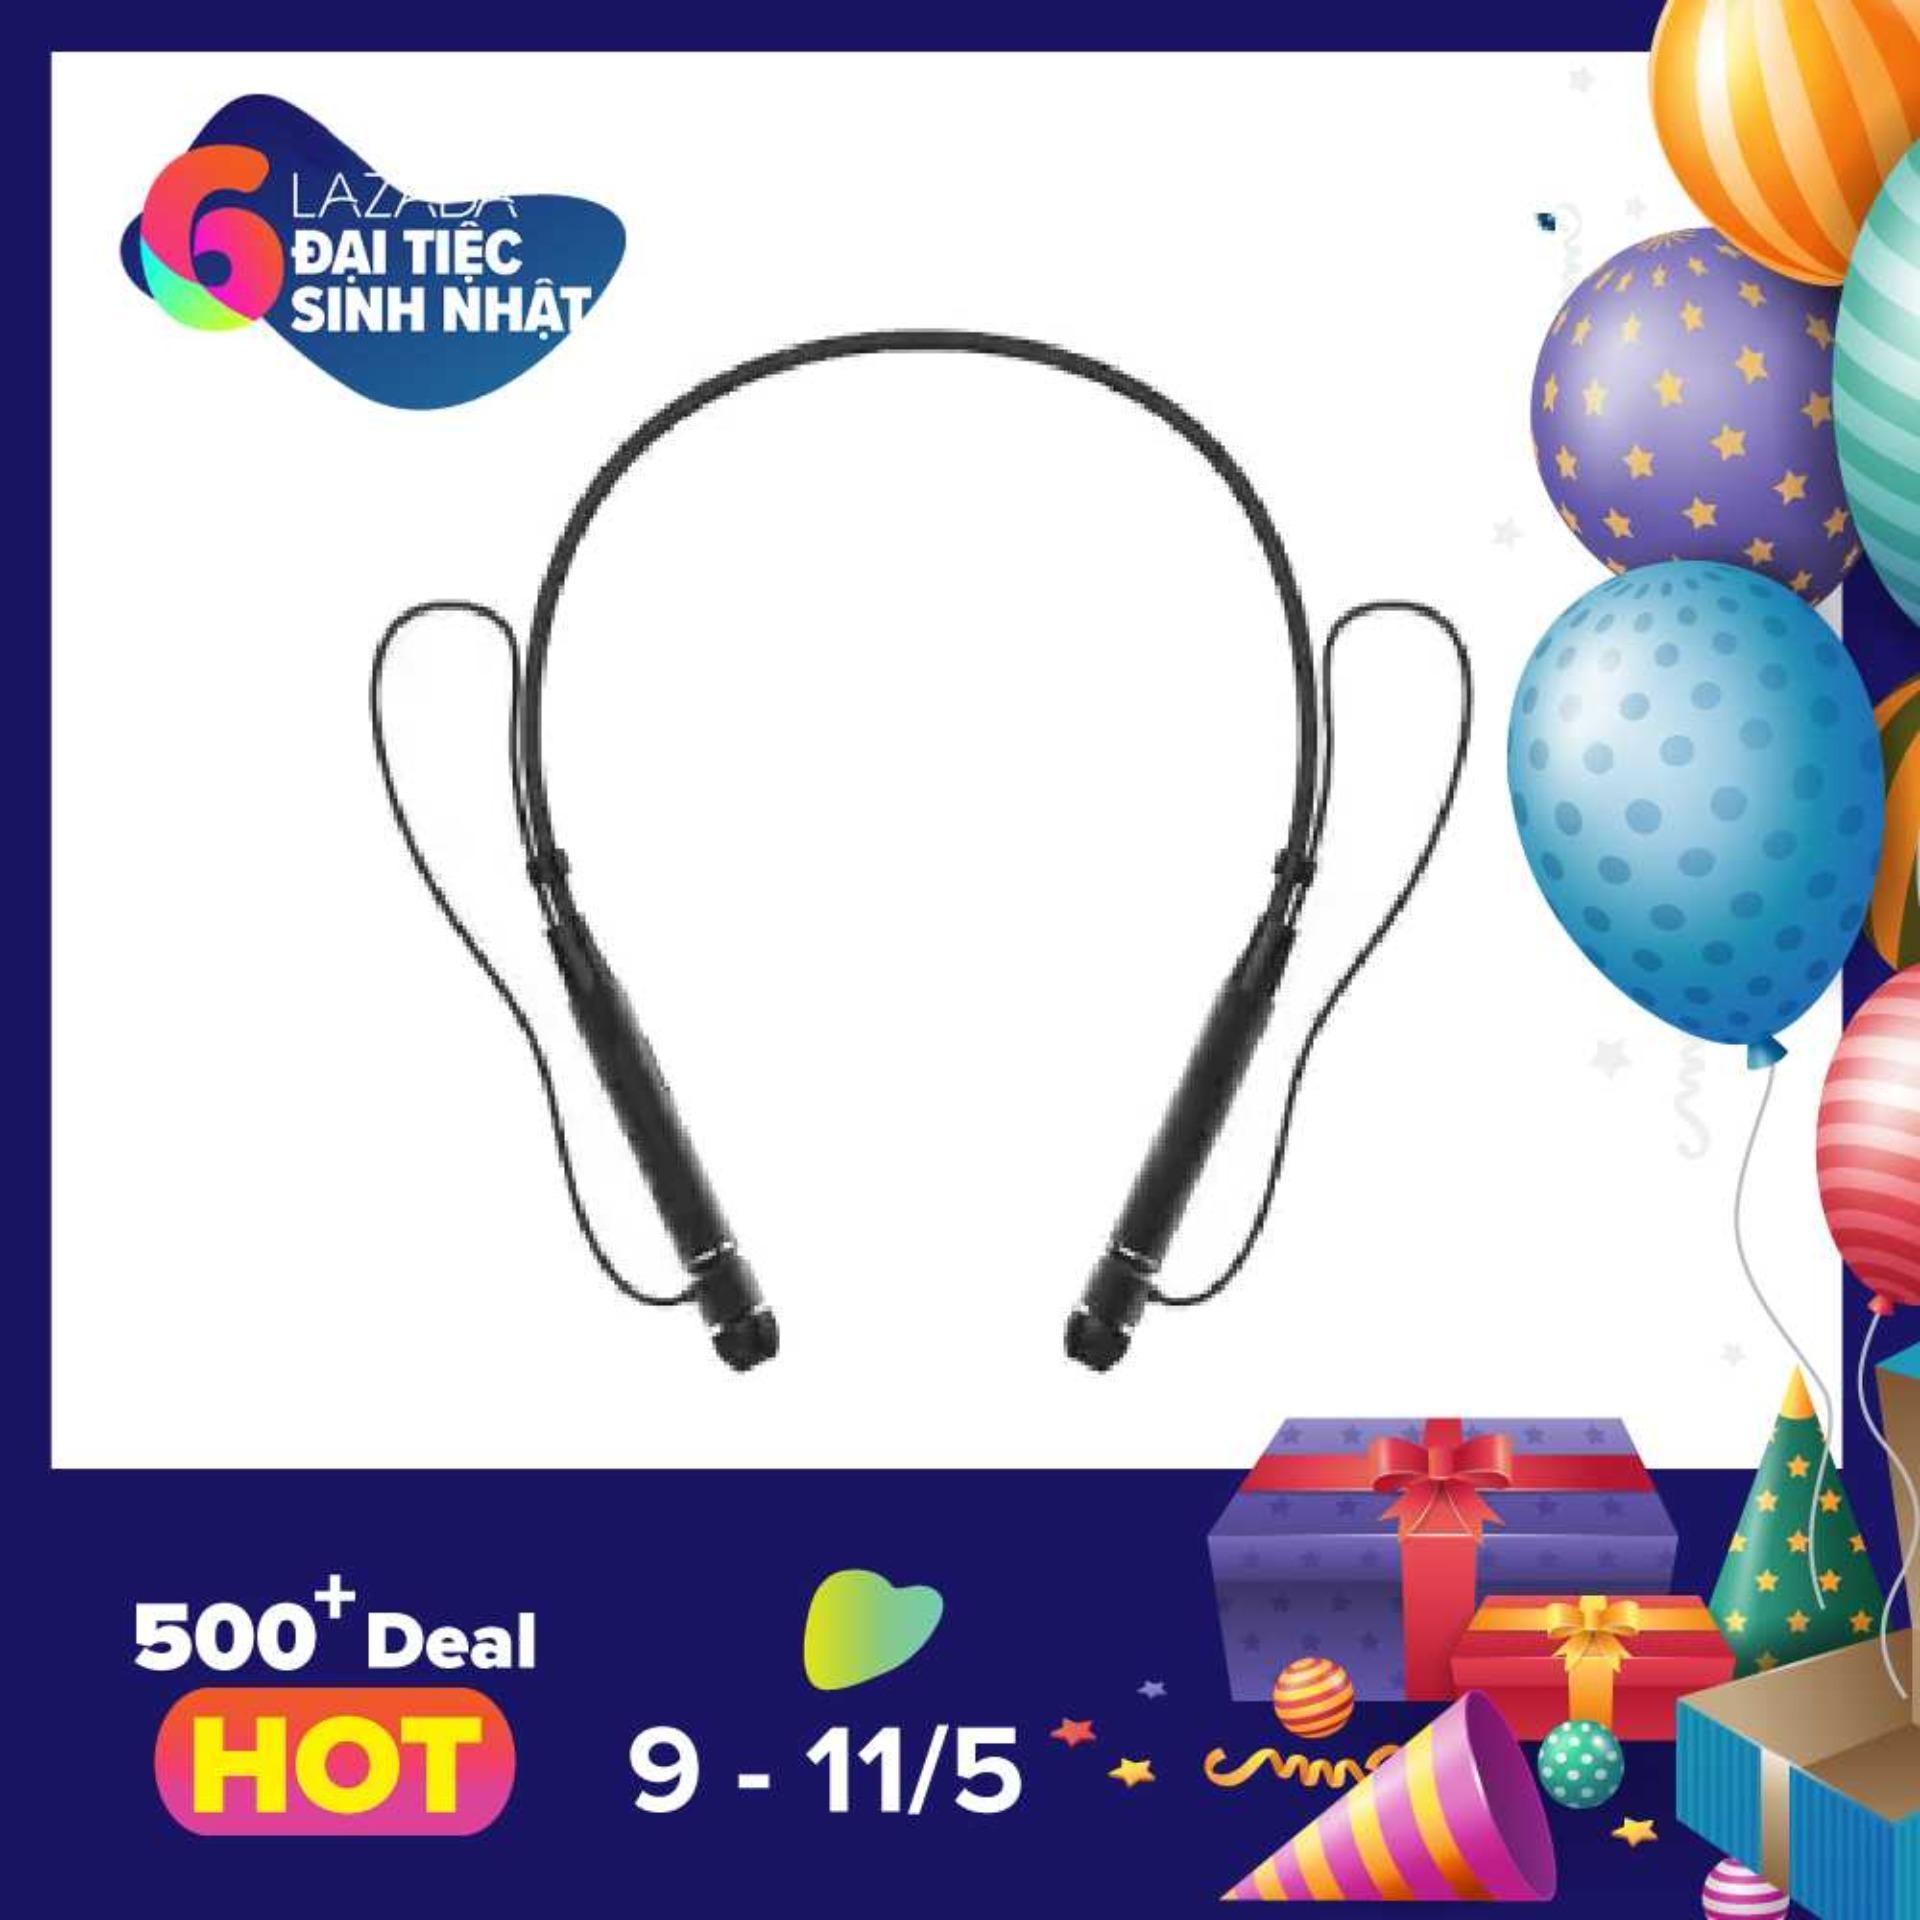 Ôn Tập Tai Nghe Nhet Tai Khong Day Cao Cấp Bluetooth V 4 1 Roman Z6000 Roman Trong Hà Nội